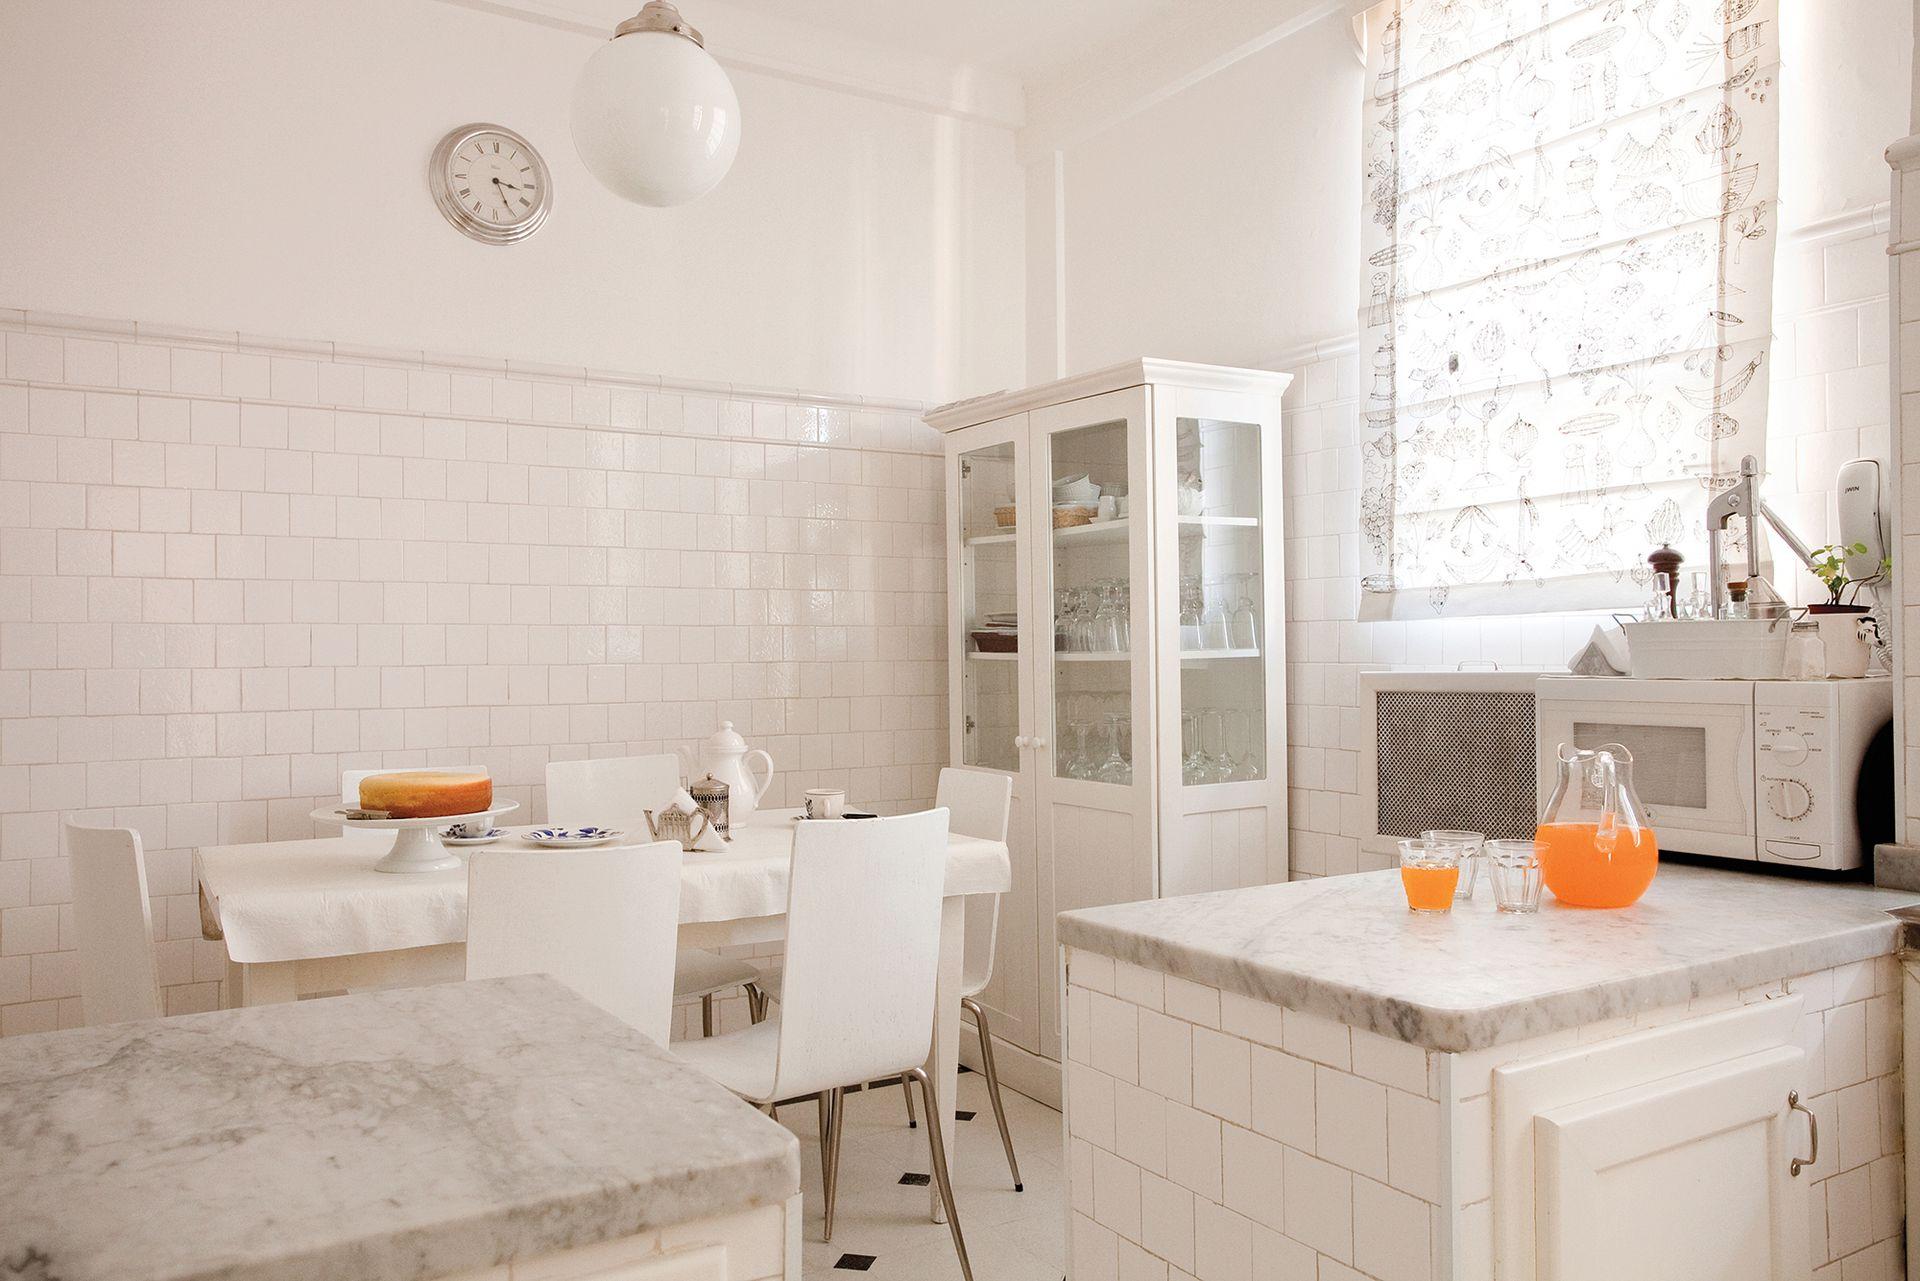 La cocina se renovó completamente: desde el piso hasta los revestimientos.